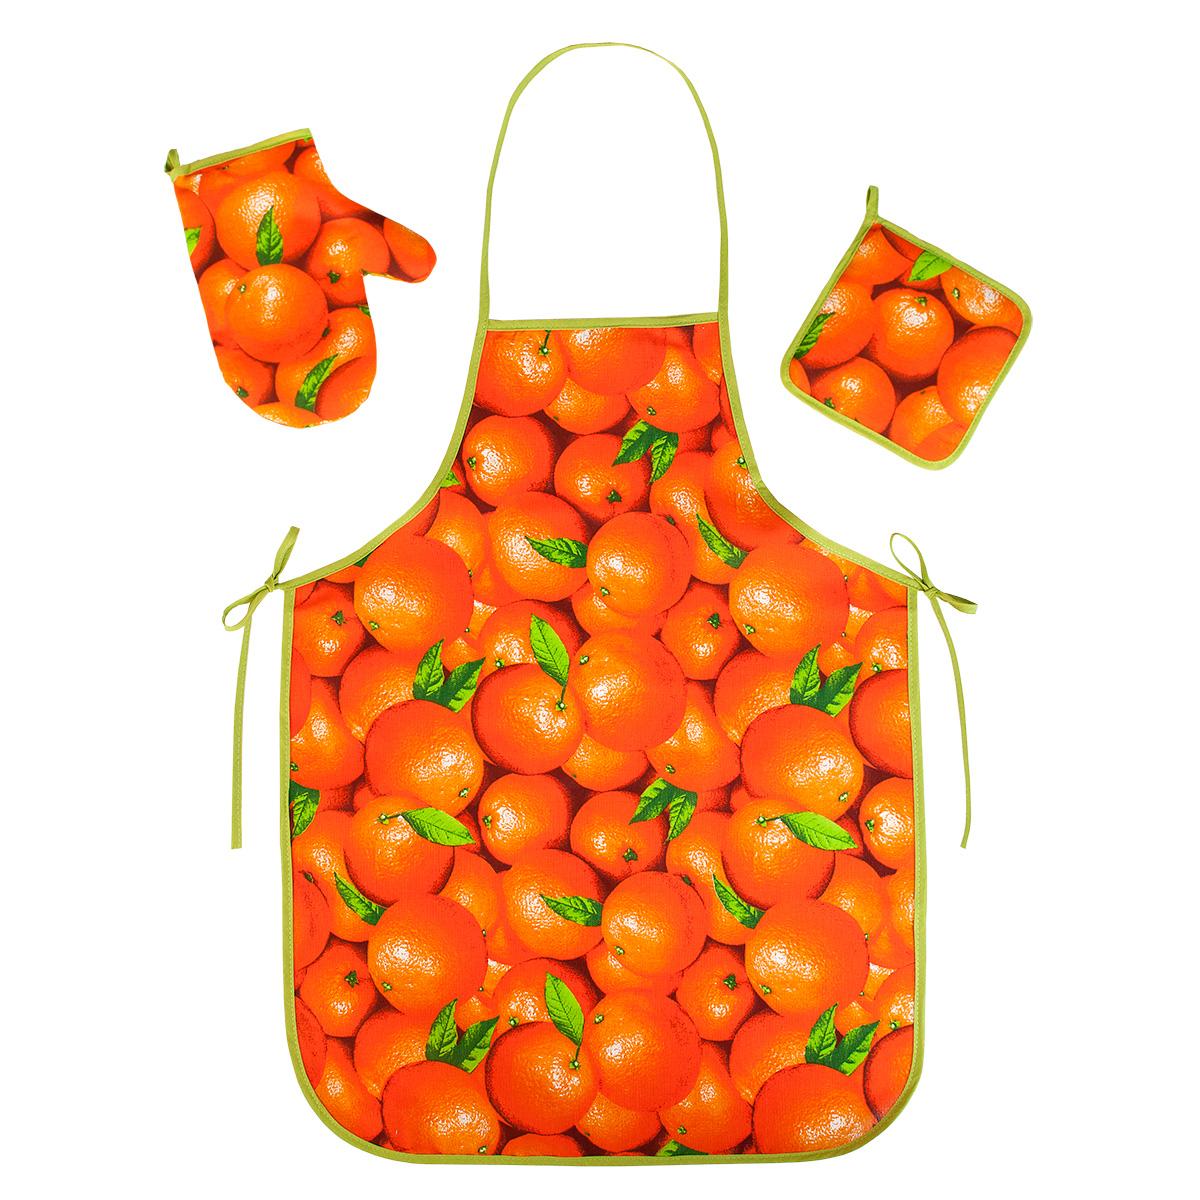 """Кухонные принадлежности """"Апельсины"""" Оранжевый р. 3 пред. — Апельсины Оранжевый"""